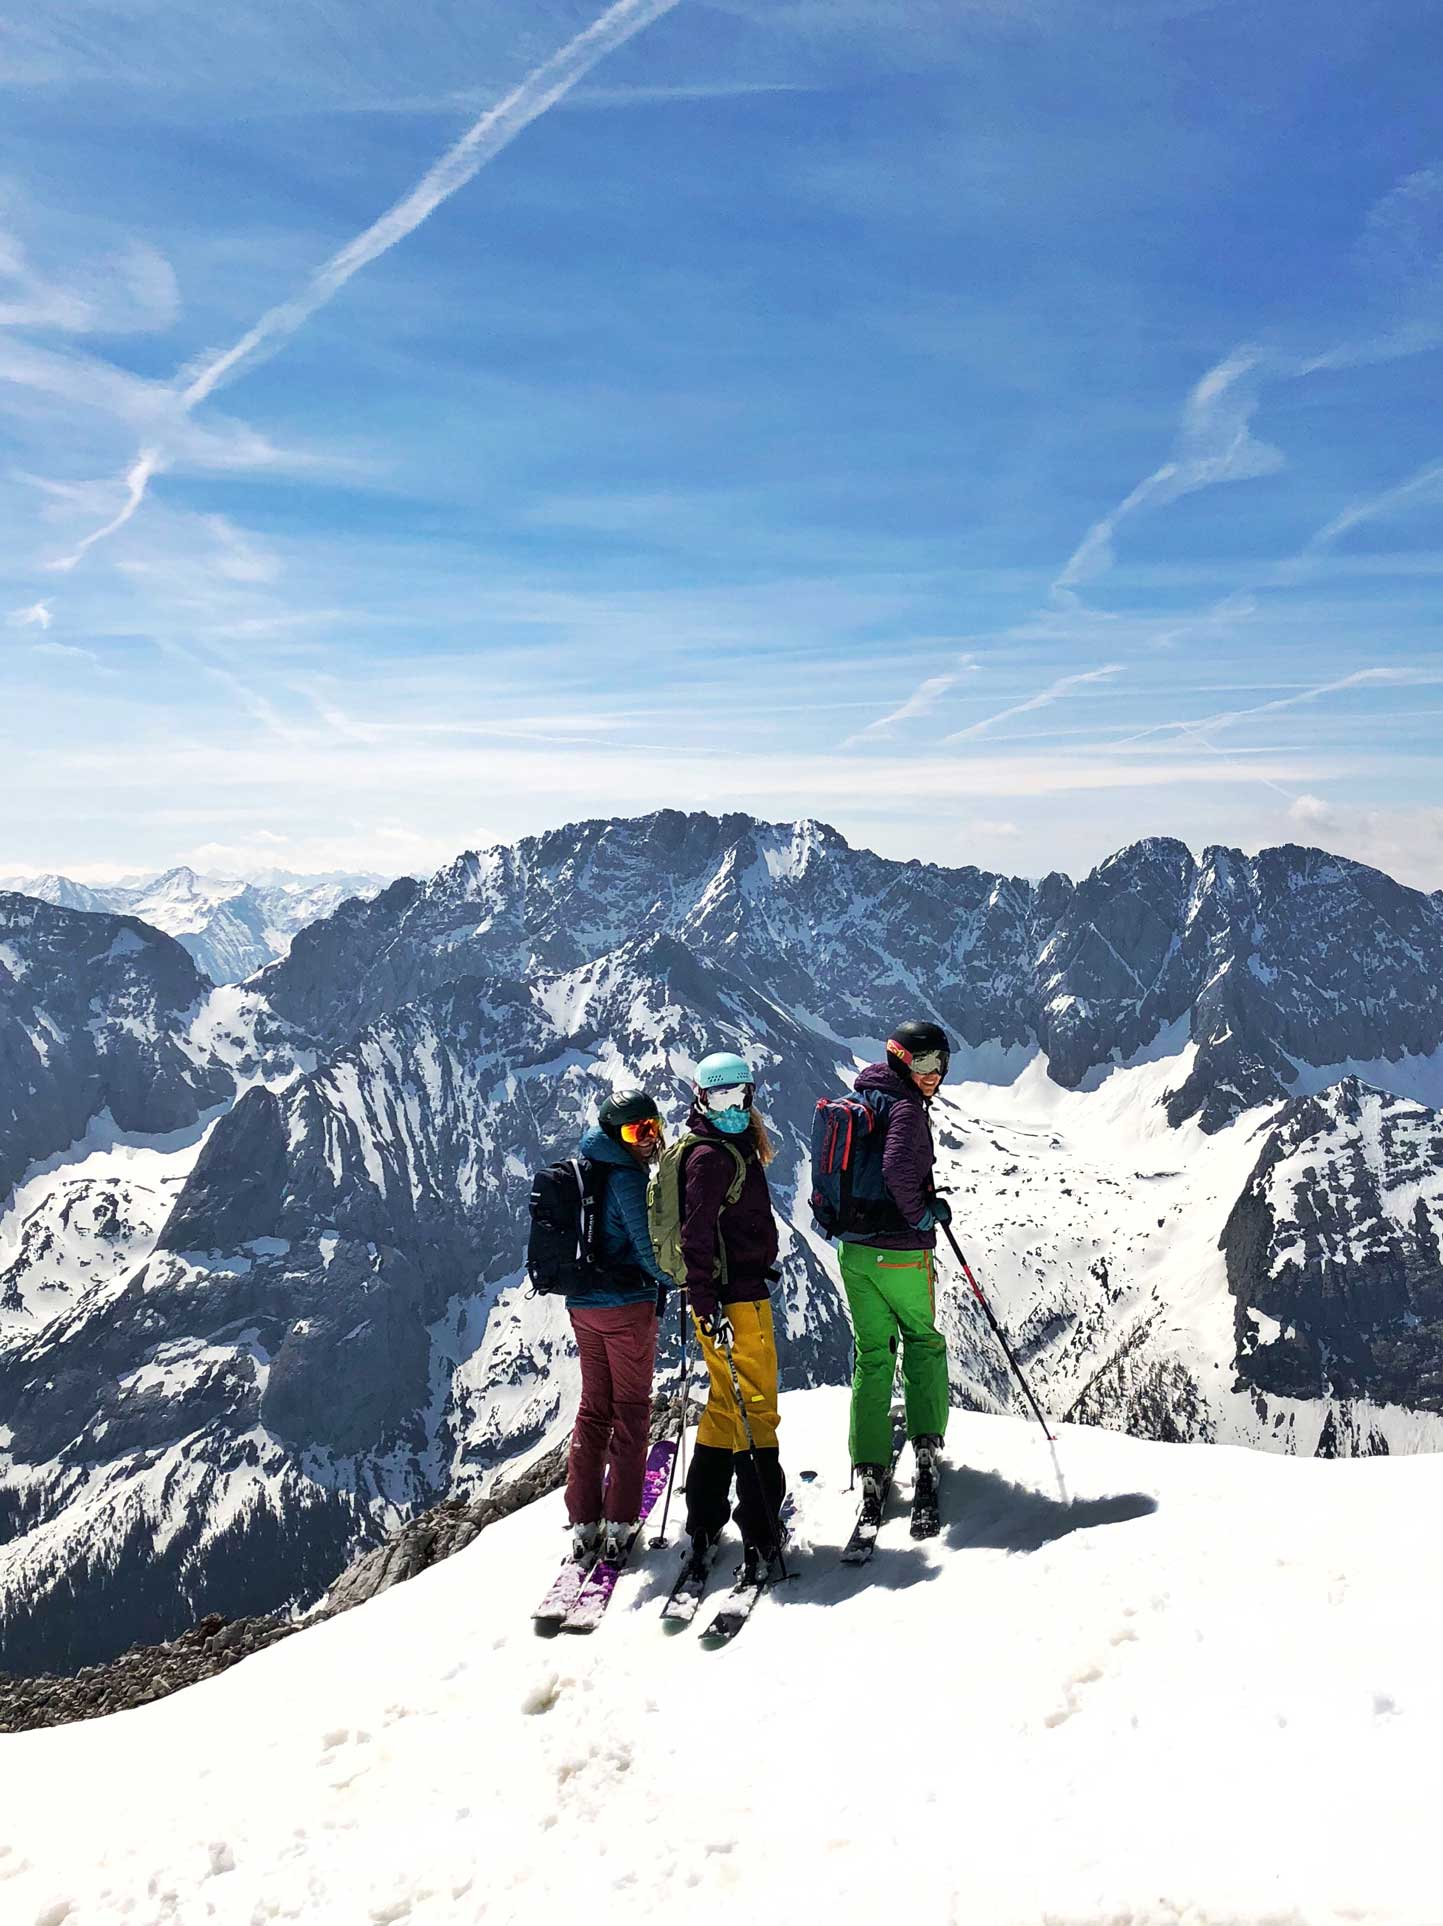 mit-der-bahn-zum-skifahren-aussicht-zugspitze-munichmountaingirls